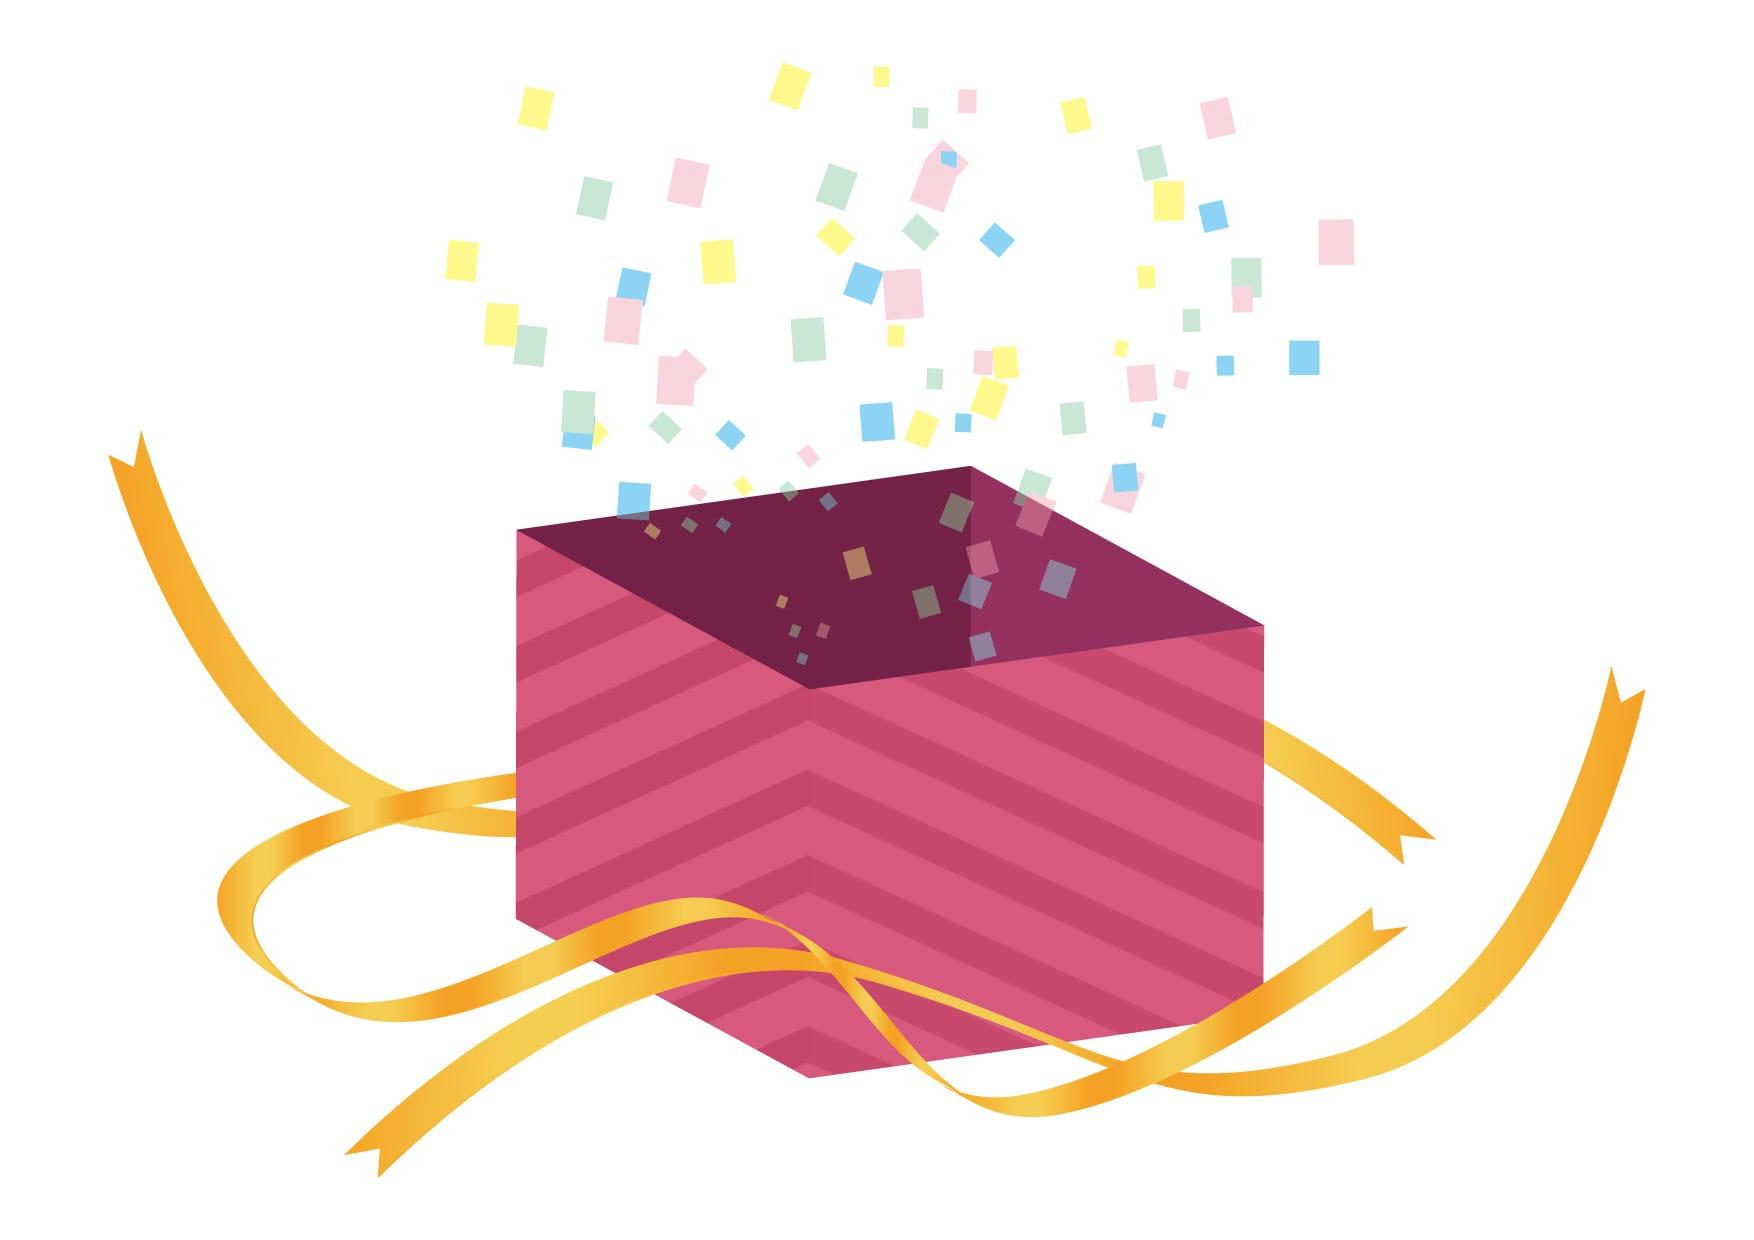 サプライズ プレゼント ピンク色 開く イラスト 無料 無料イラストの